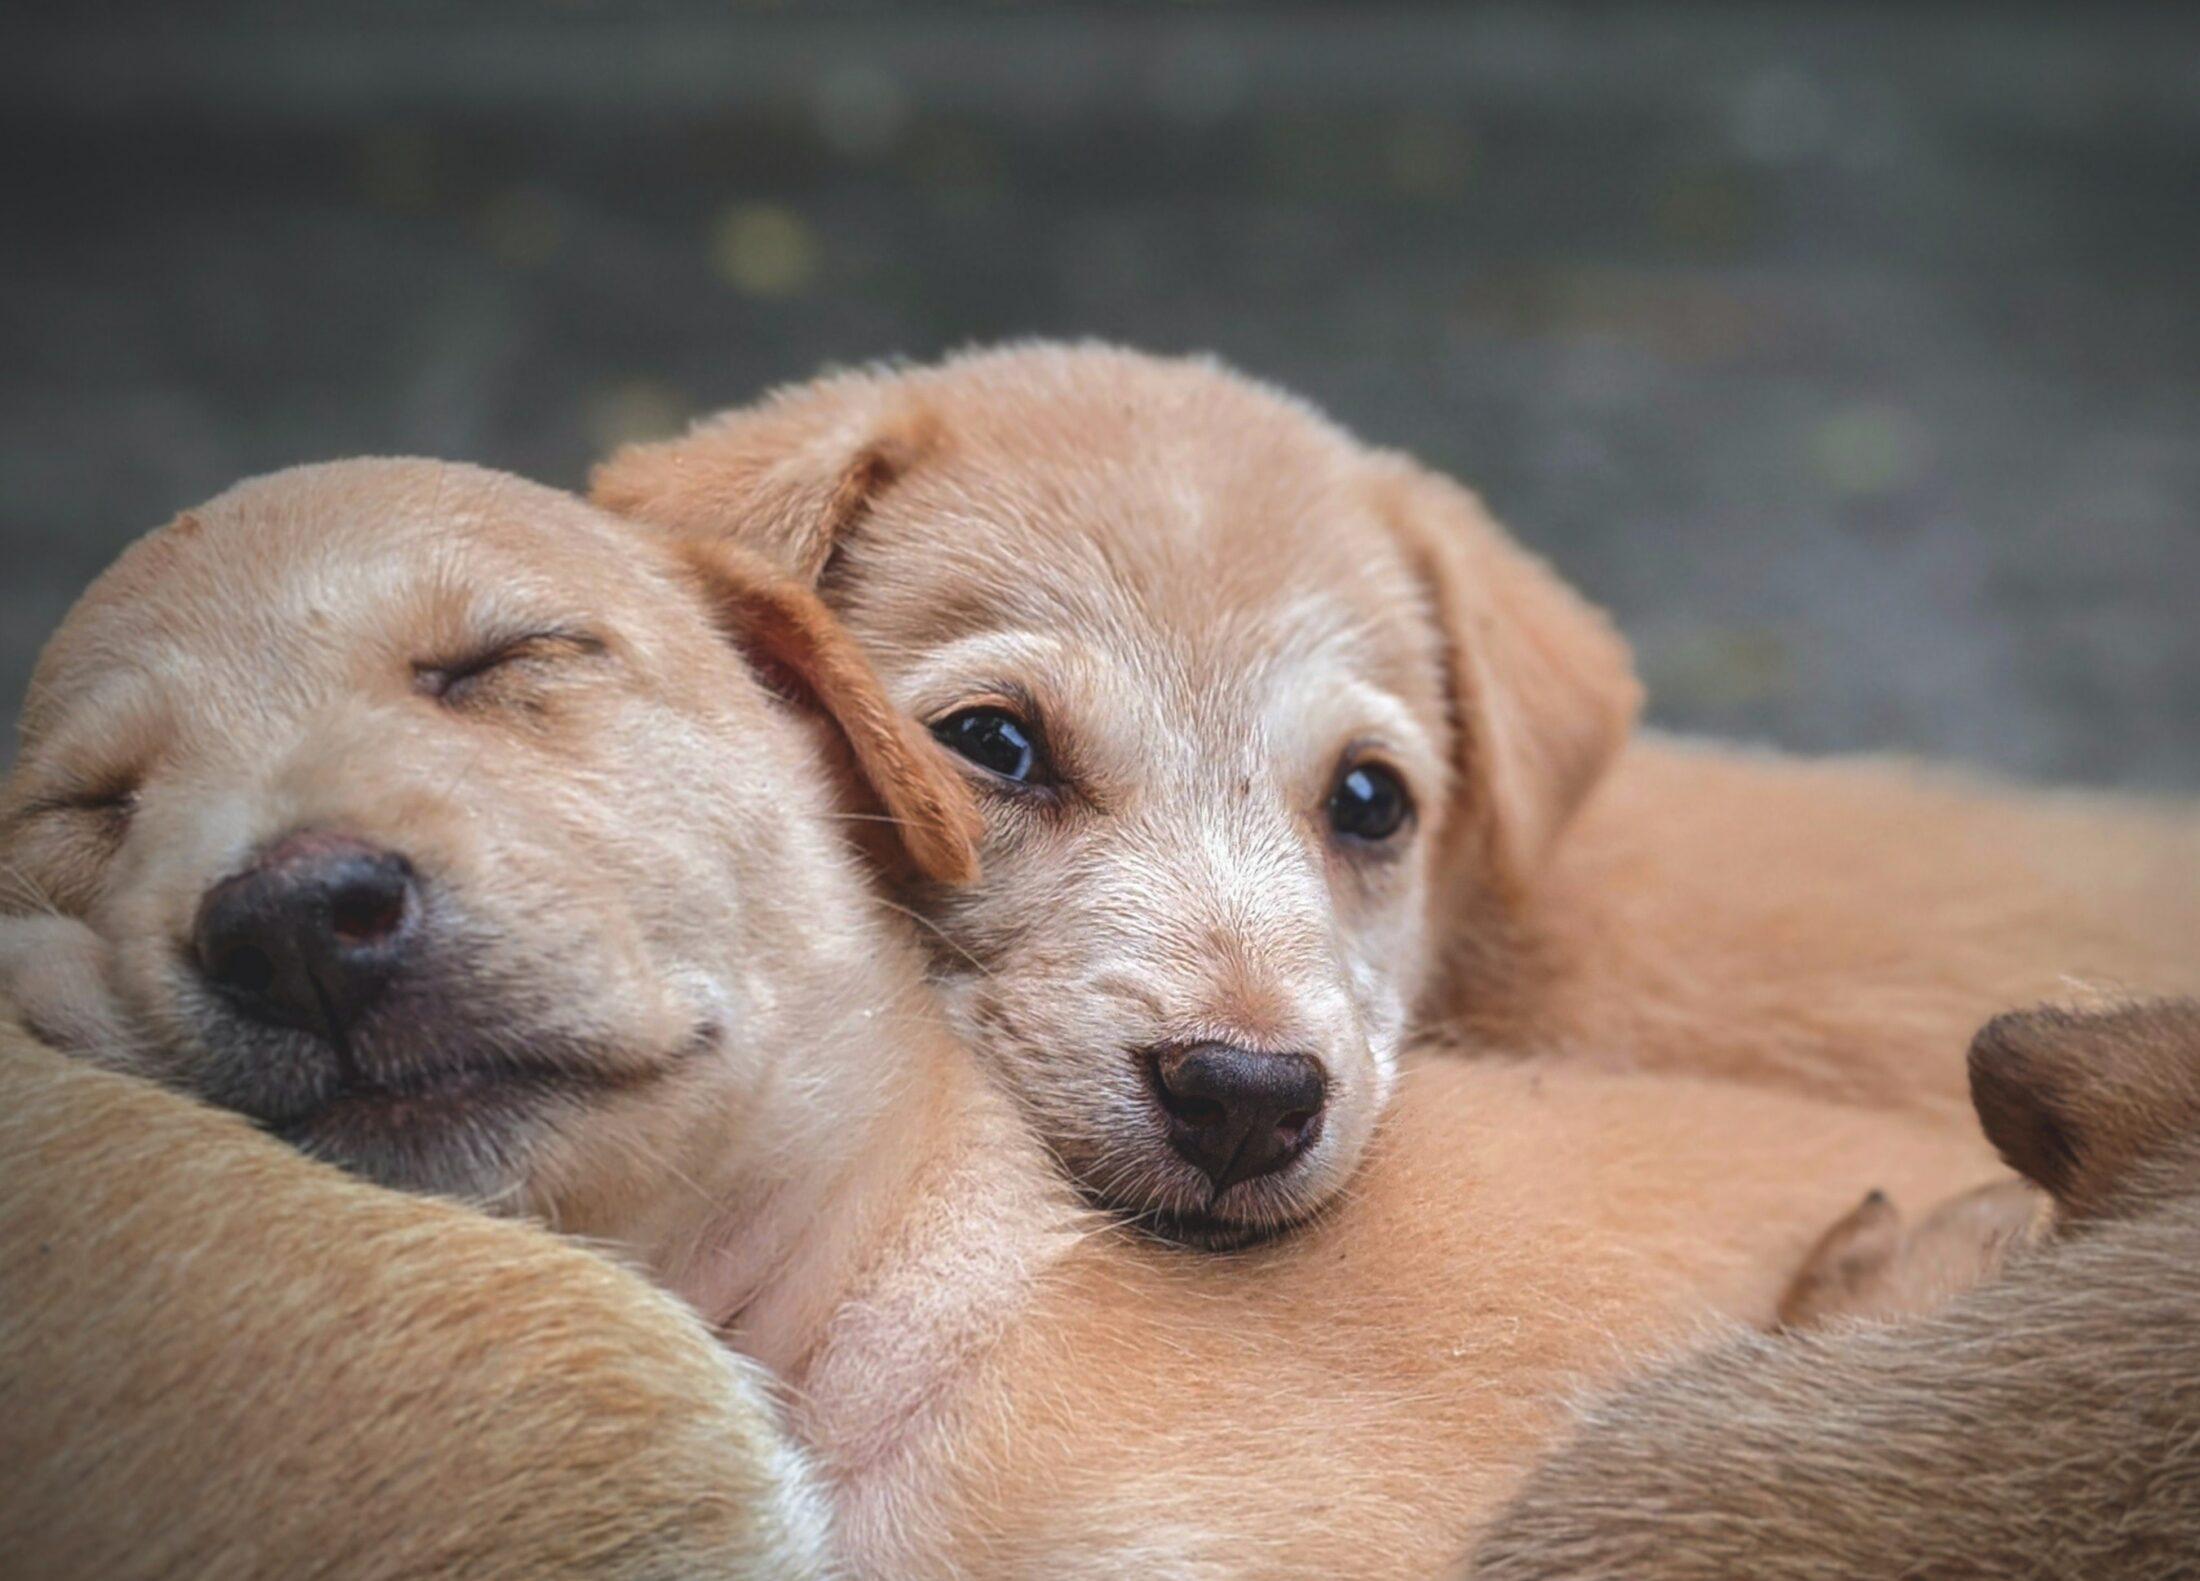 A apólice de seguro animal pode cobrir certas situações, dependendo das coberturas escolhidas.